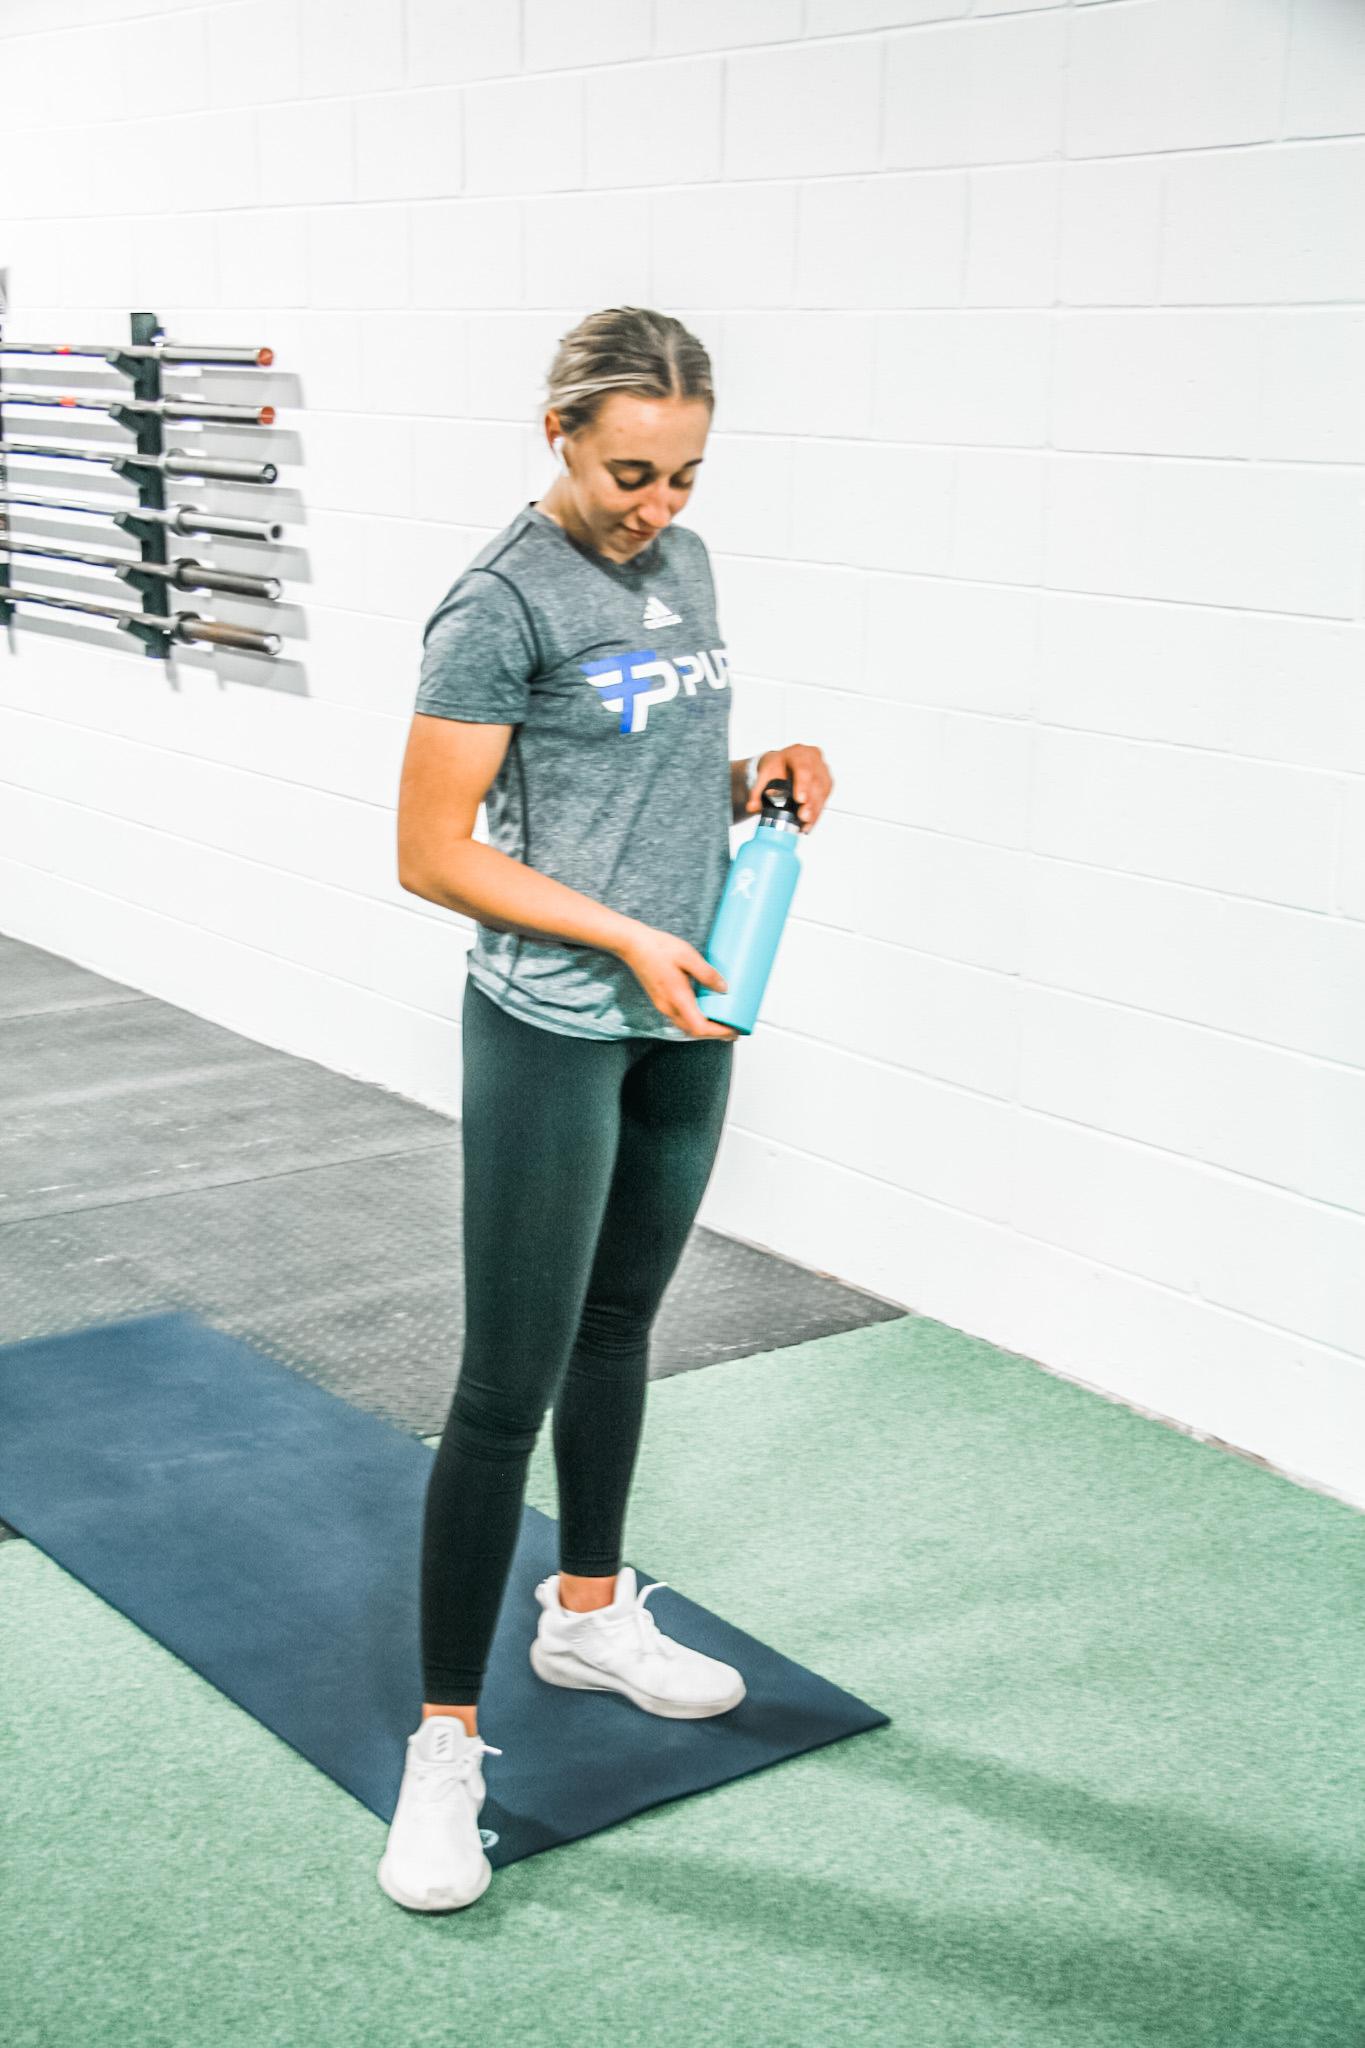 Personal Trainer Annie Rasmussen